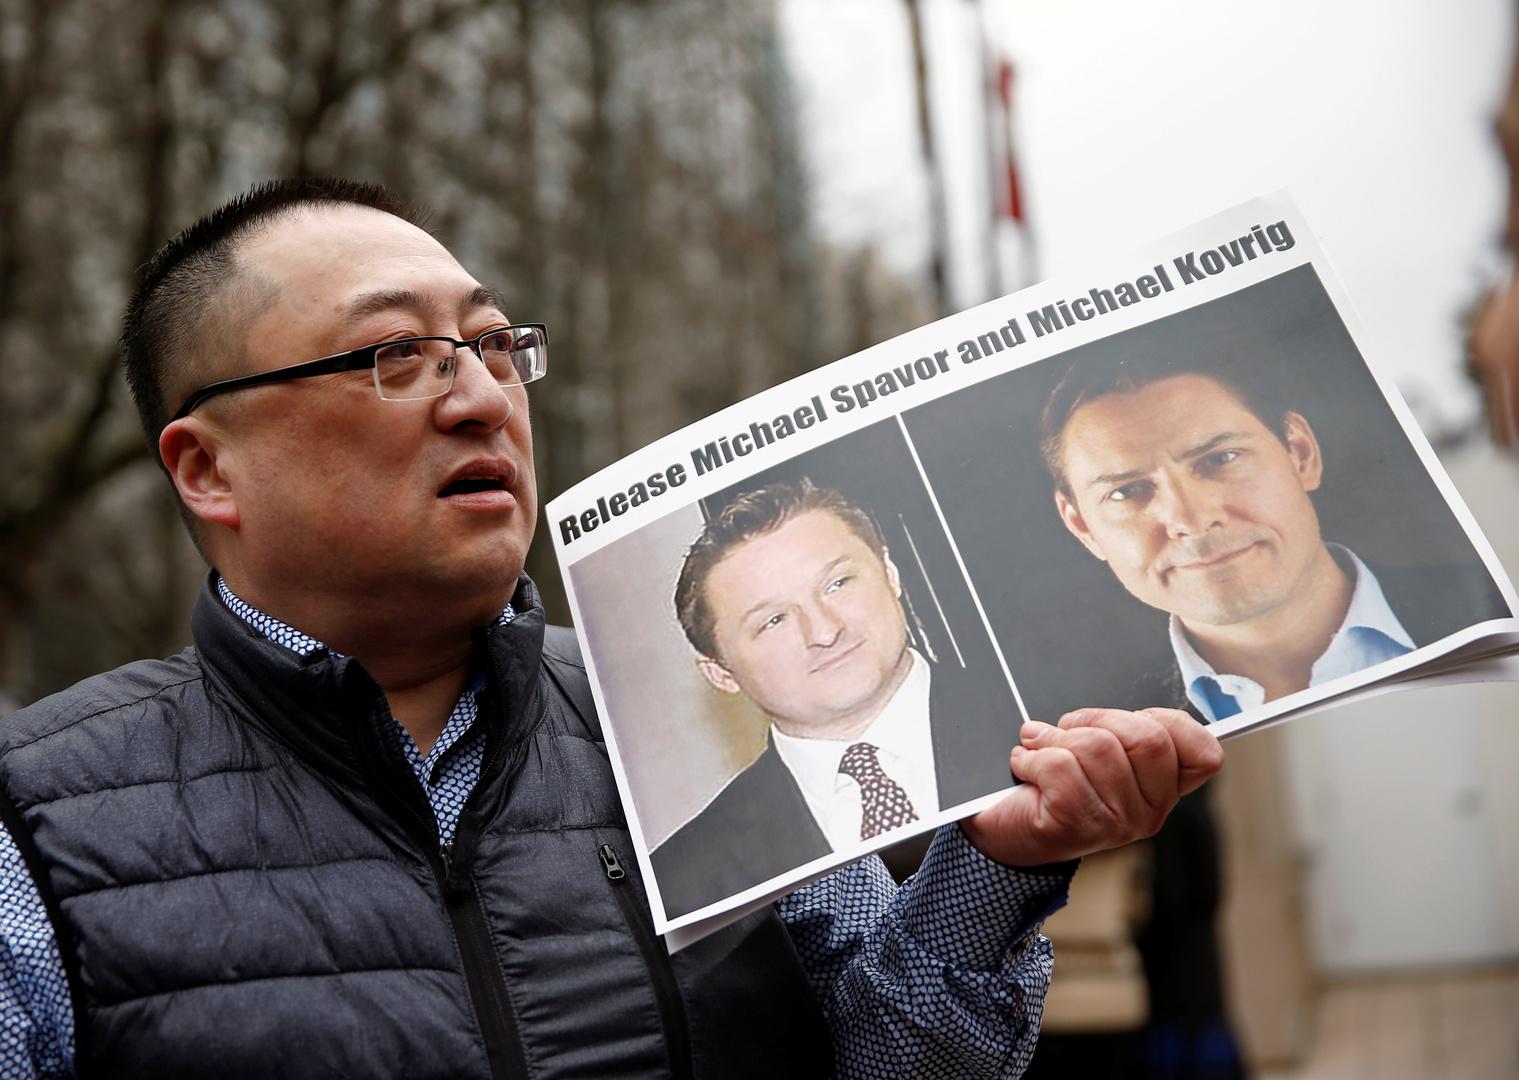 القضاء الصيني يوجه تهمة التجسس لمواطنين كنديين